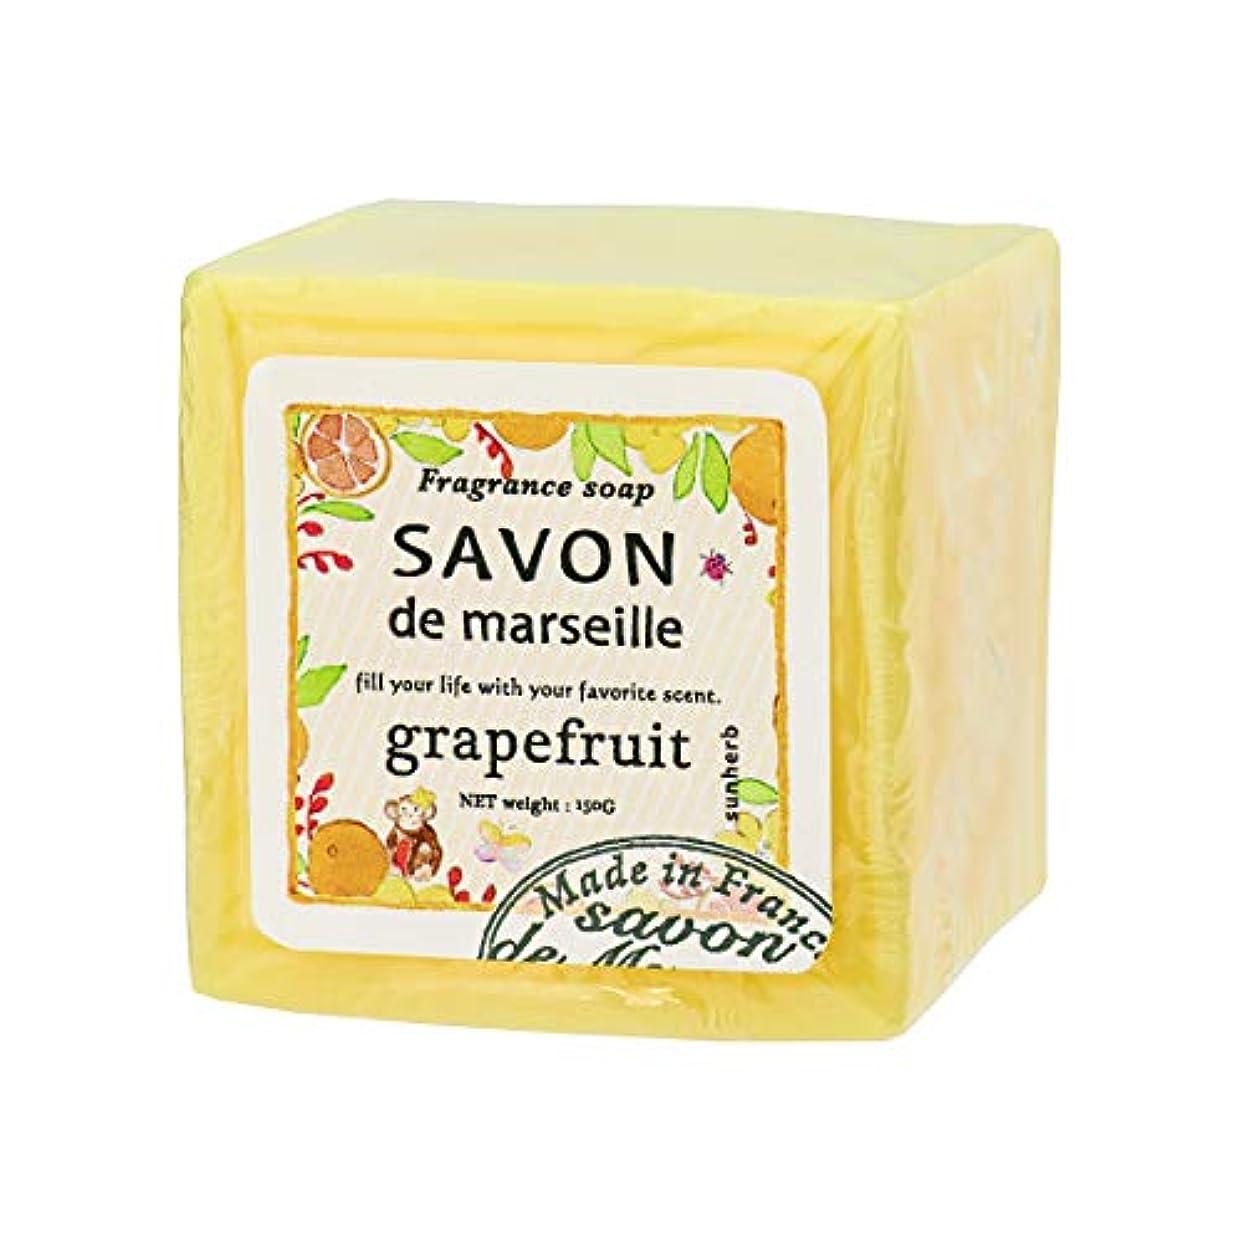 含意視線つらいサンハーブ マルセイユ石けん グレープフルーツ 150g(全身用洗浄料 ソープ フランス製 シャキっとまぶしい柑橘系の香り)